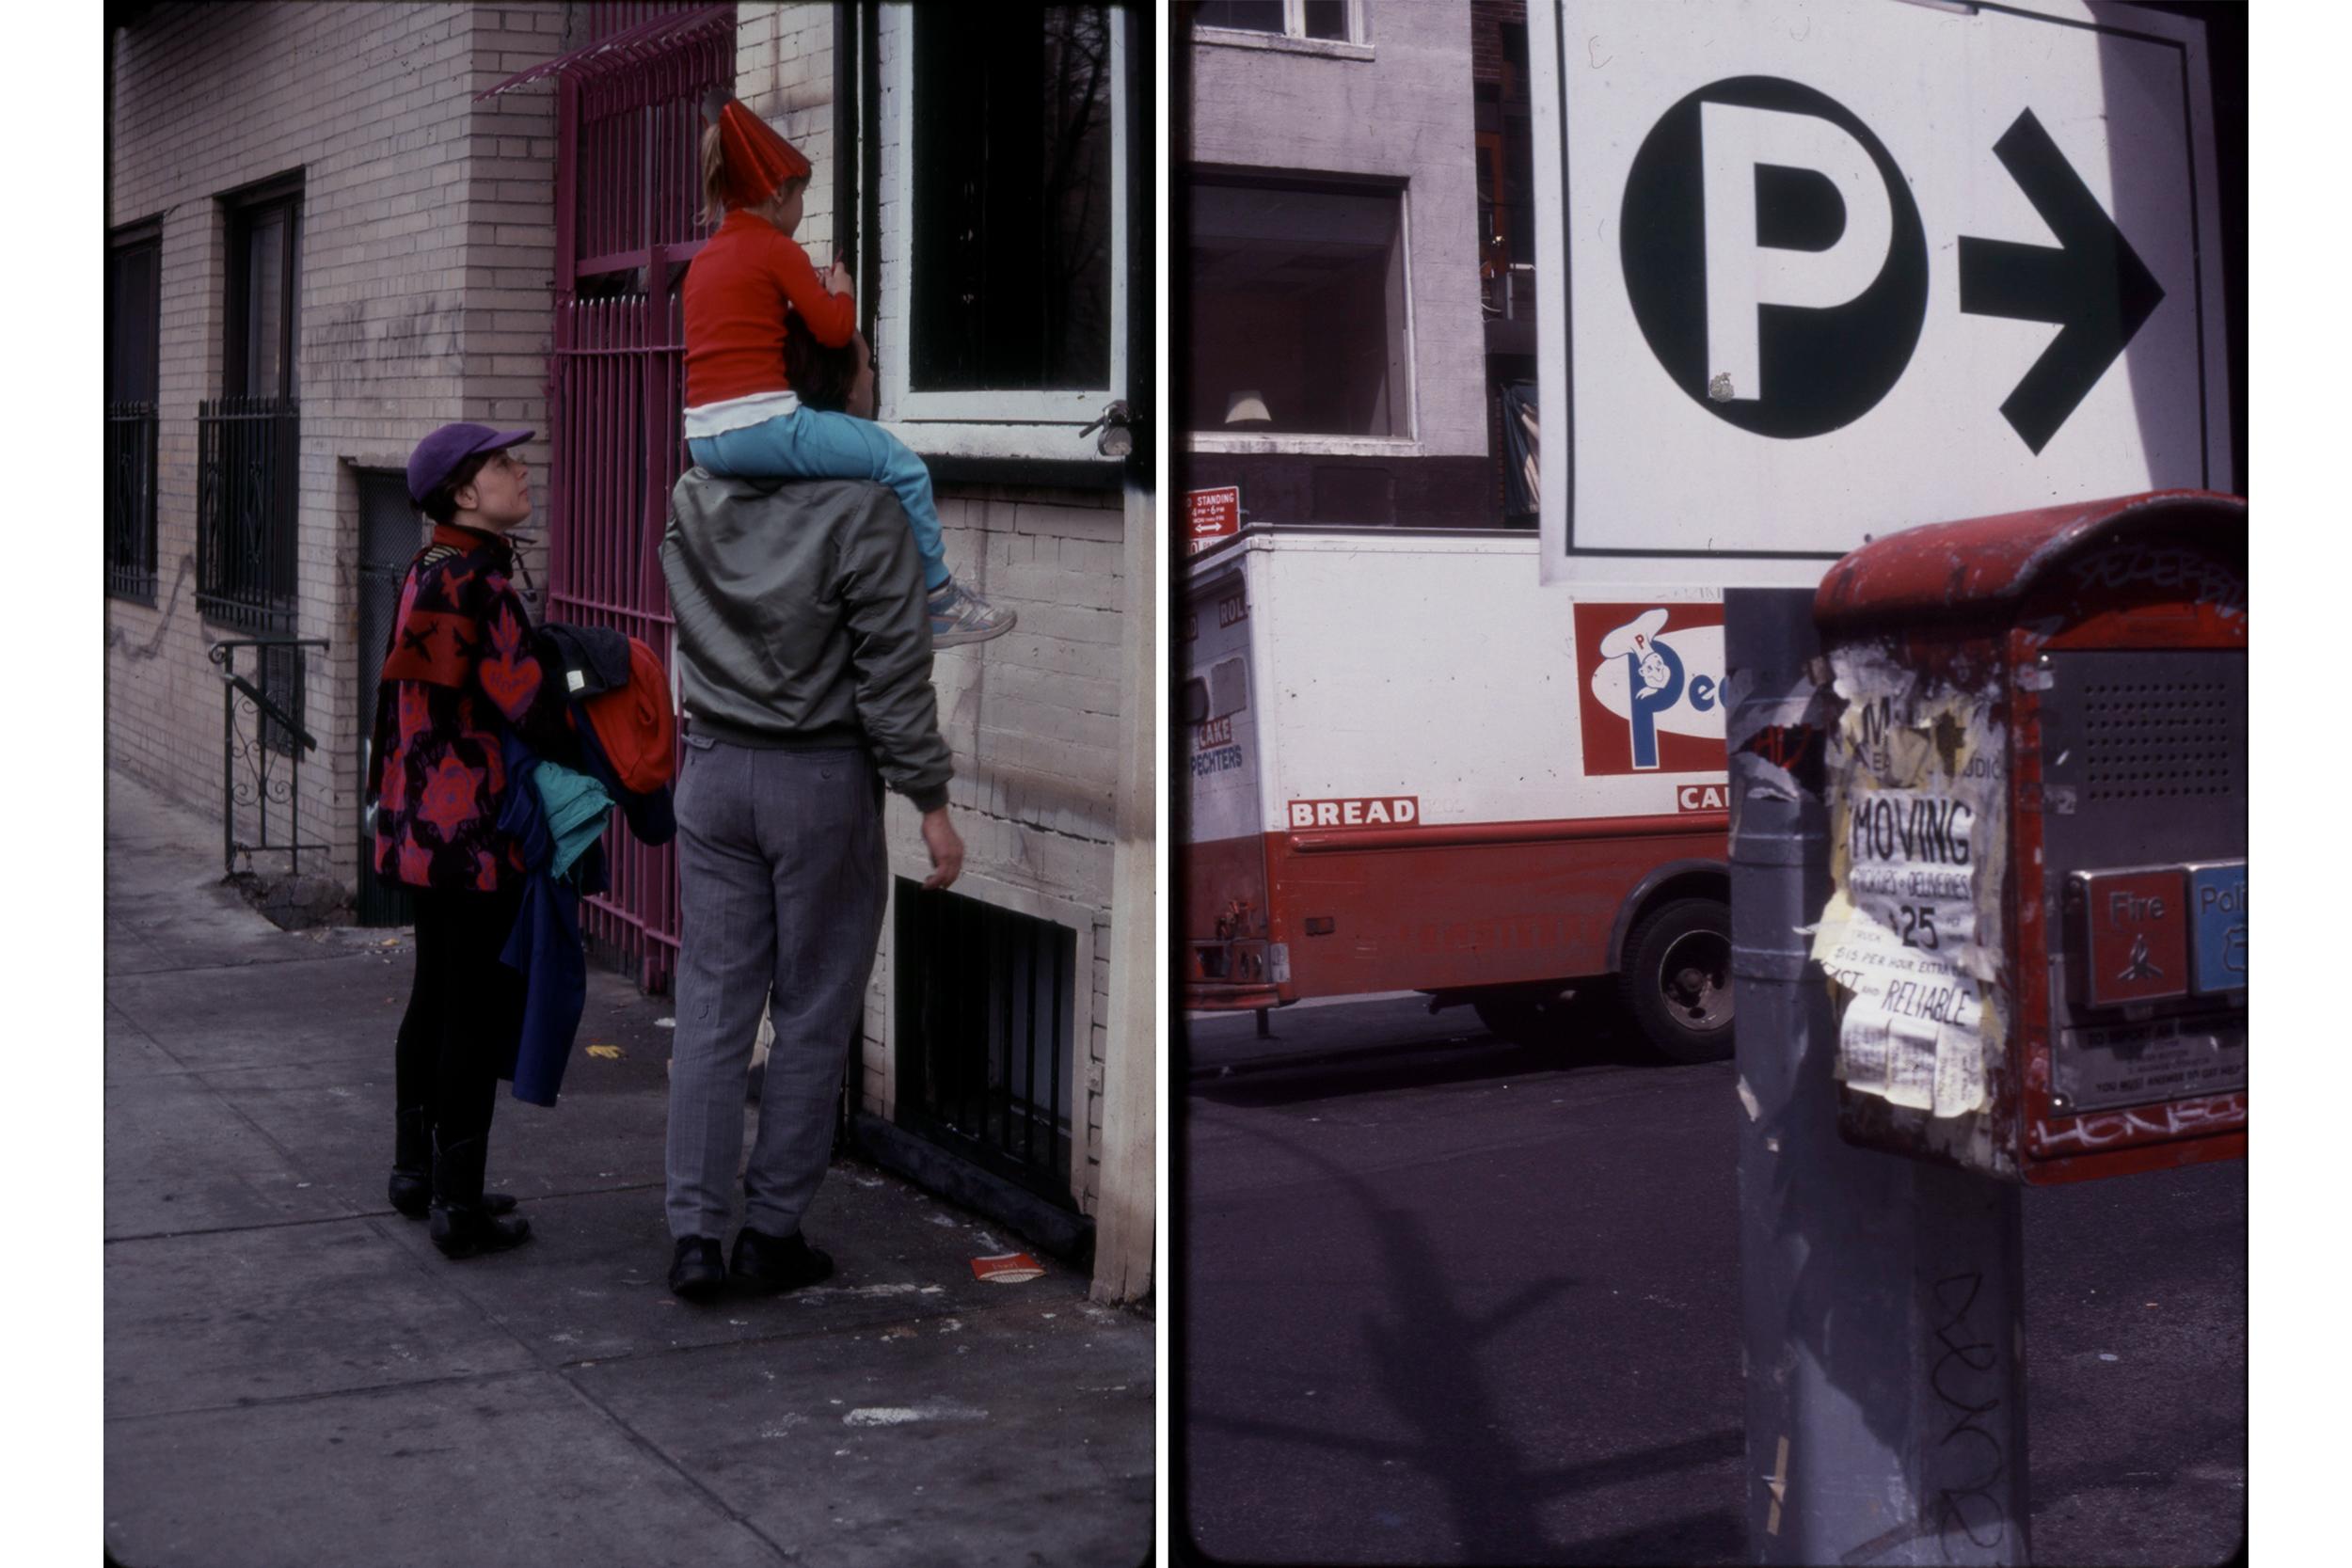 Party Hat Window Peek, March 1990; Bread Truck Parking Sign, c 1990